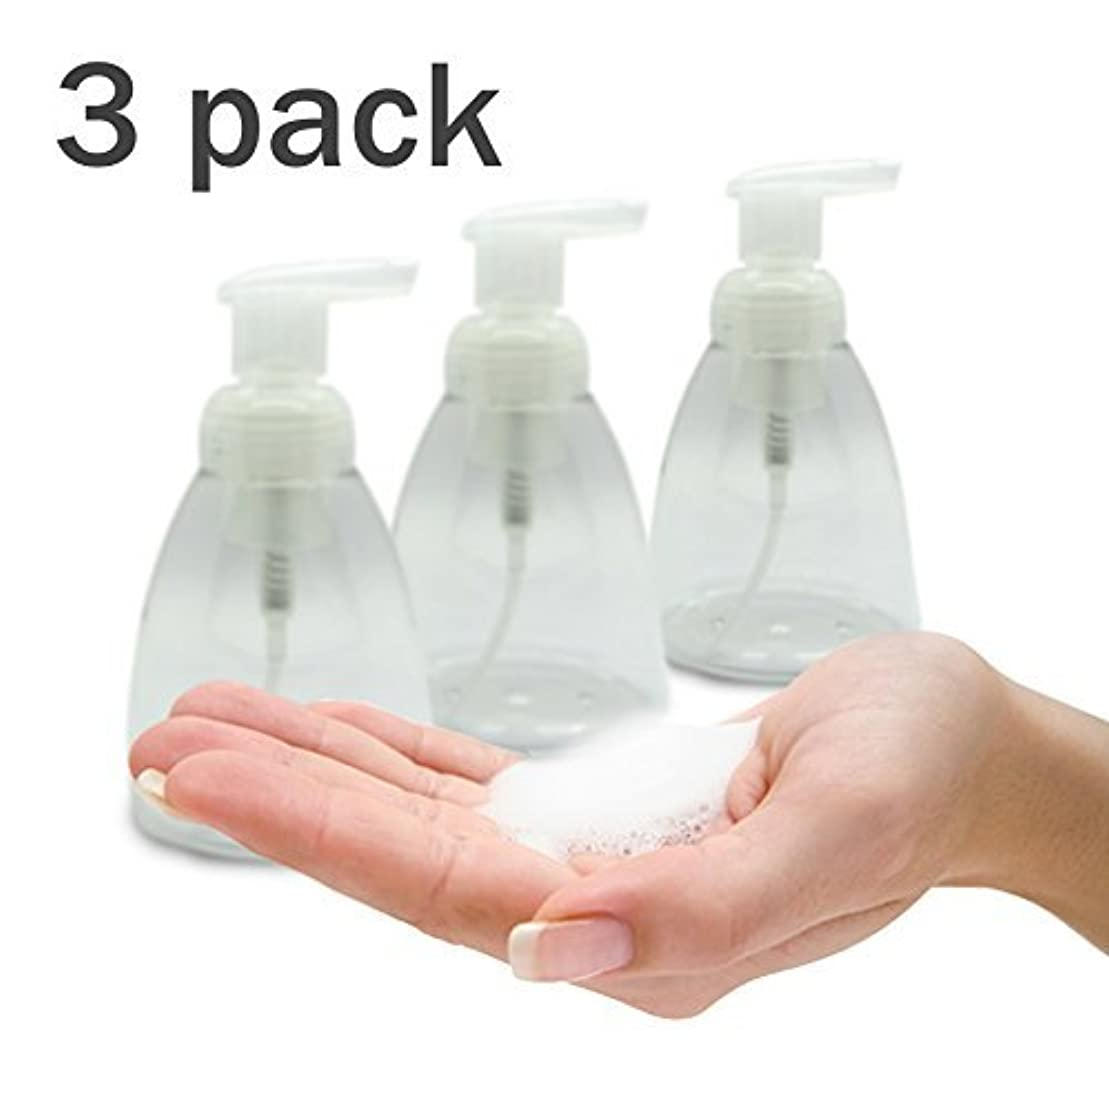 プレミア始める未使用Foaming Soap Dispenser Set of 3 pack 300ml (10 oz) Empty Bottles Hand Soap Liquid Containers. Save Money! Less...